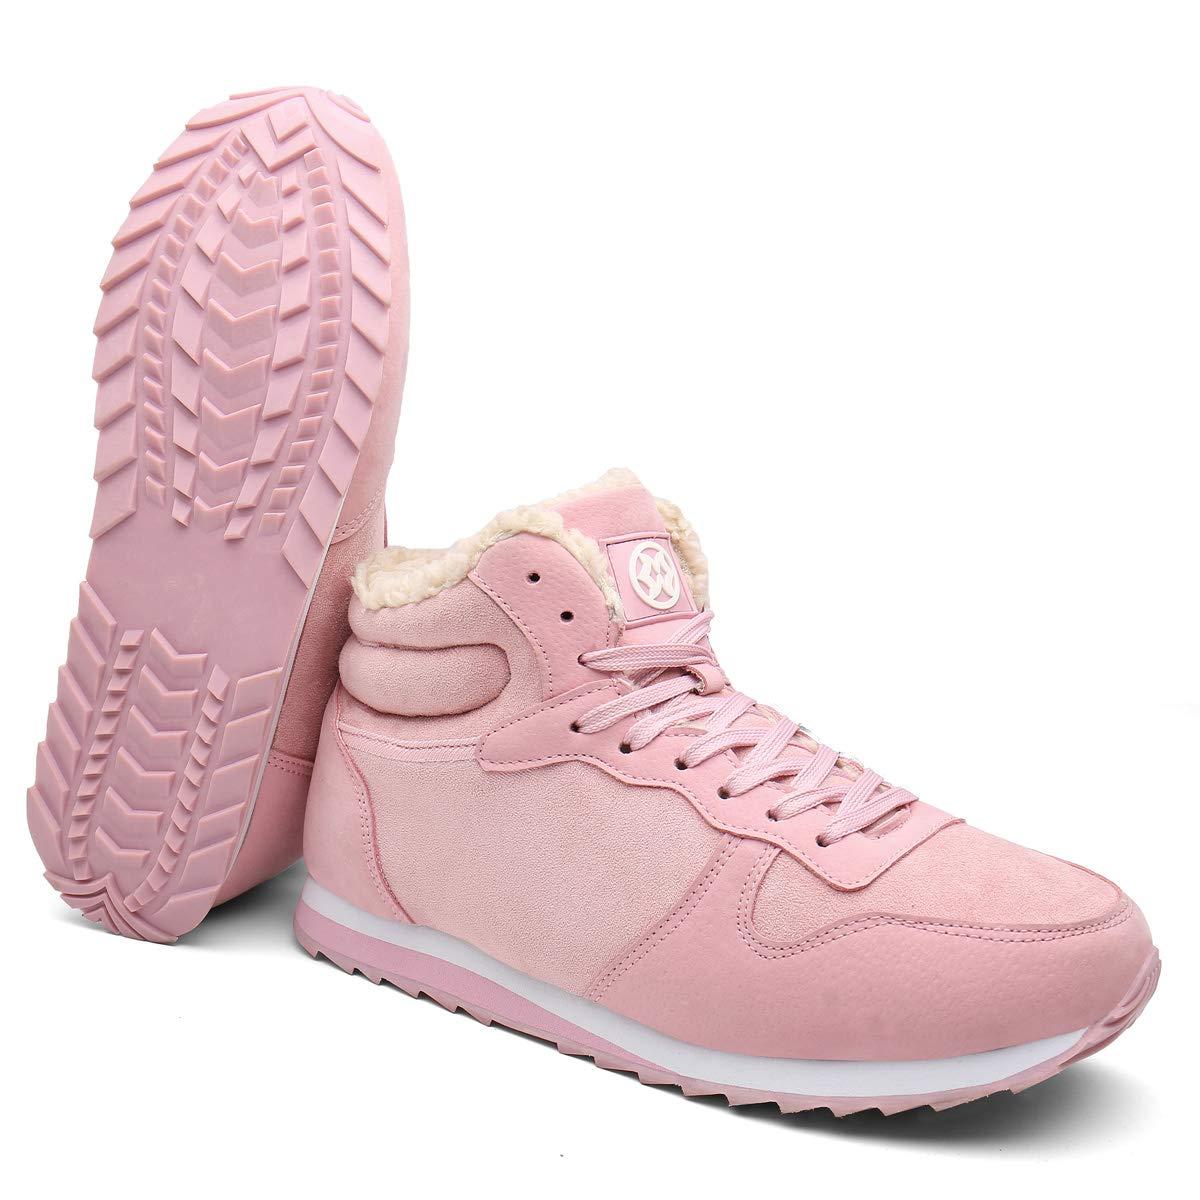 Bottes de Neige Hommes Chaussures Les Femmes Bottes dhiver Randonnee Chaudes Fourrure Sneakers Poids l/éger Baskets Booties Outdoors des Chaussures dhiver Adulte Taille